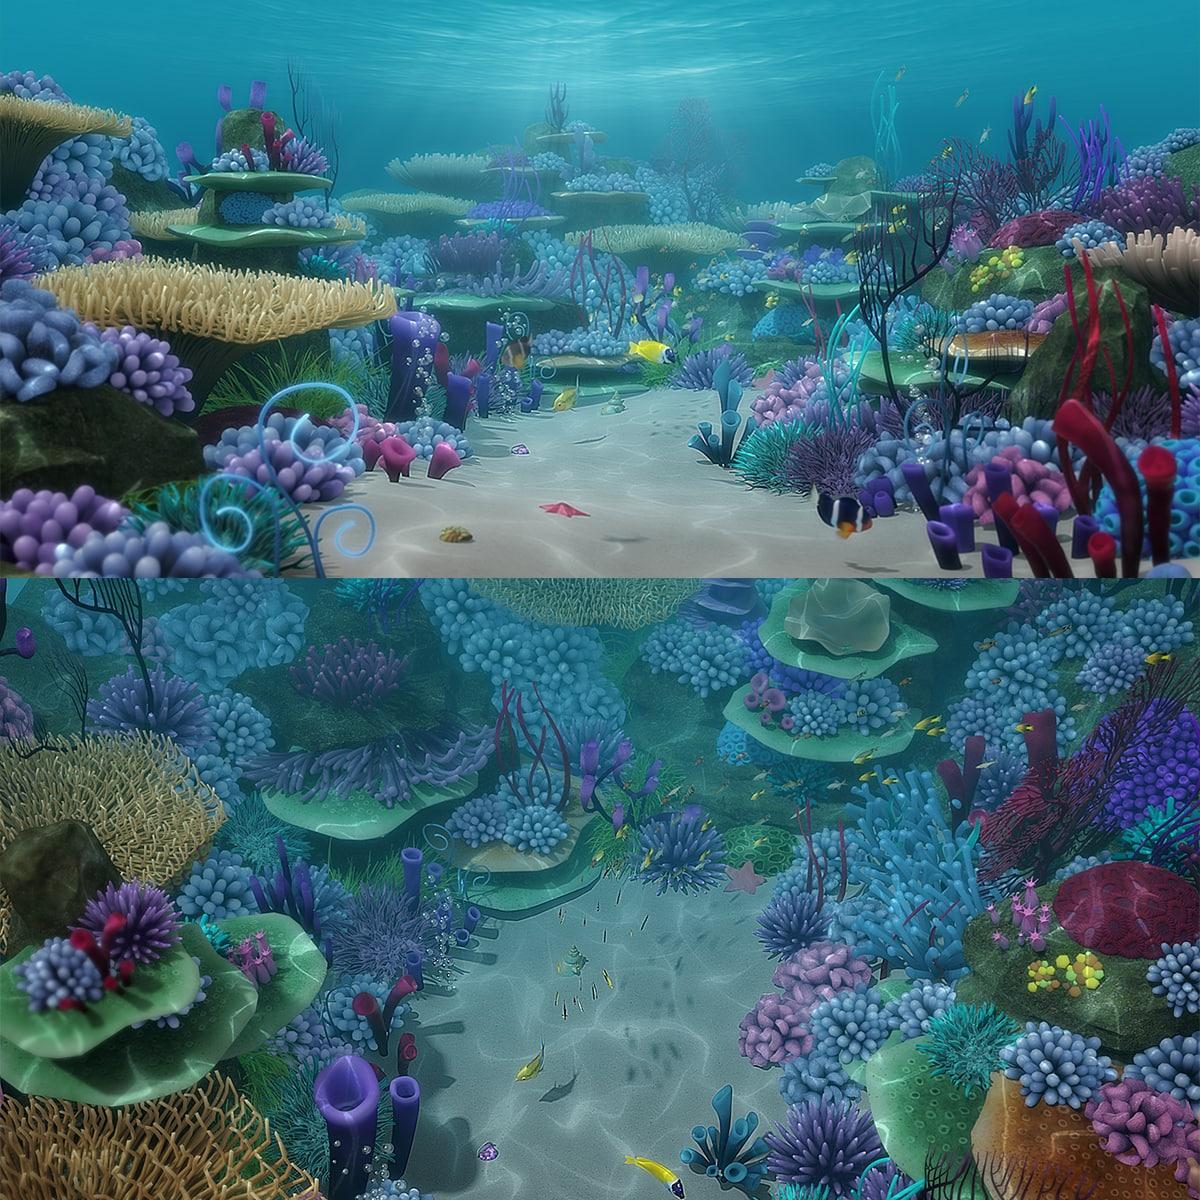 3d model of cartoon underwater scene